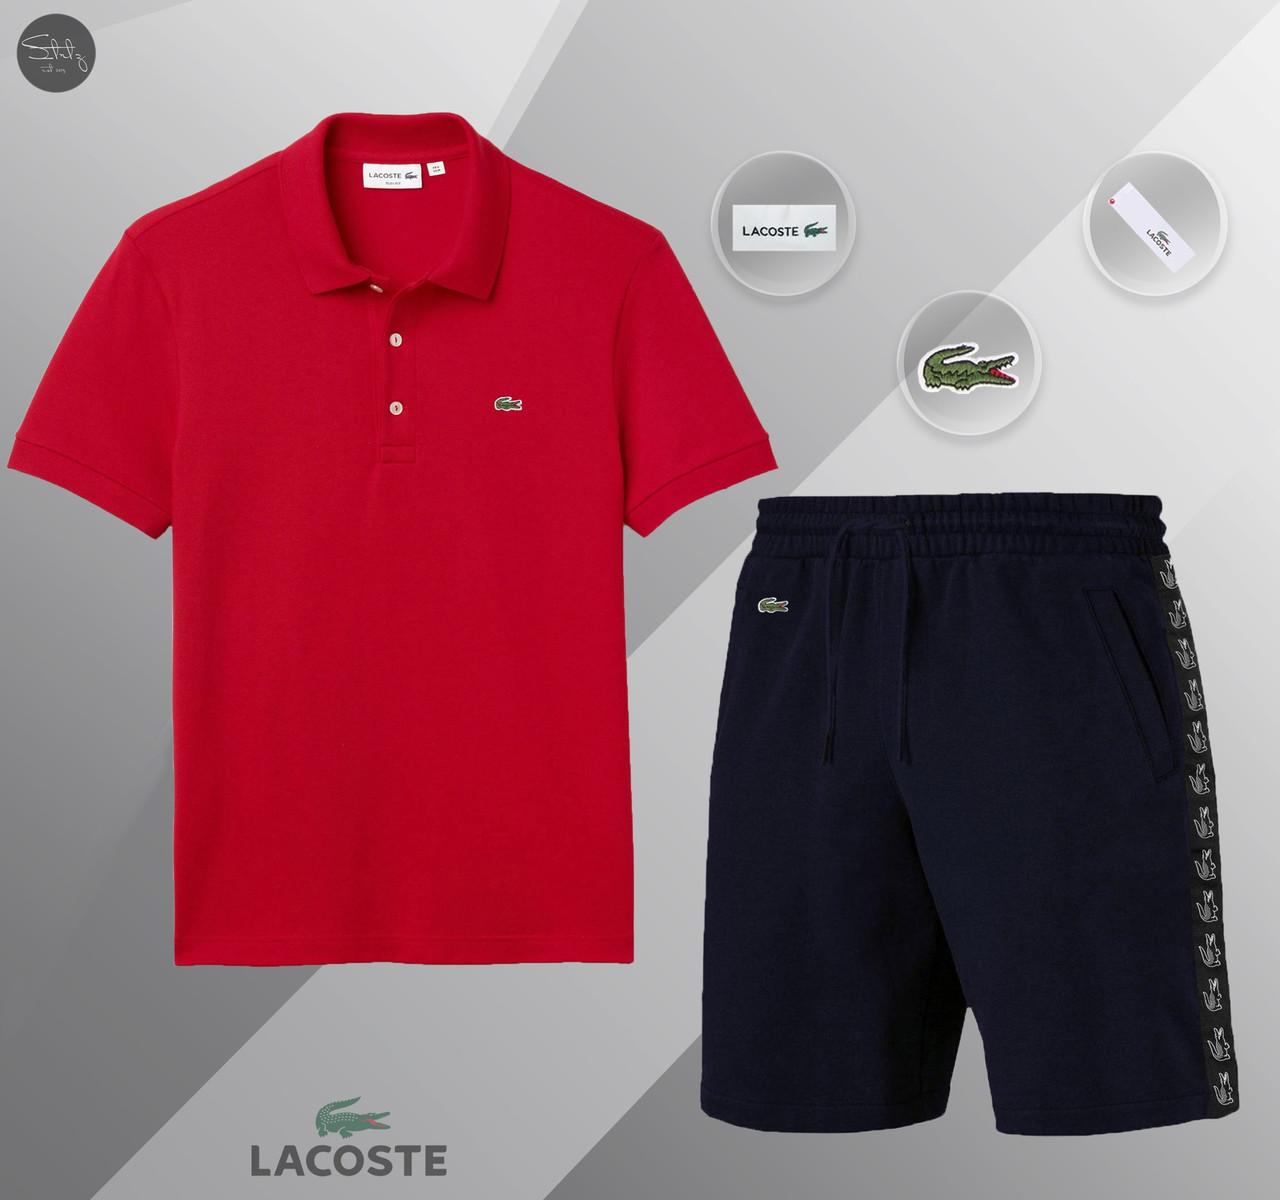 Мужской летний комплект Lacoste (поло и шорты), комплект Лакосте